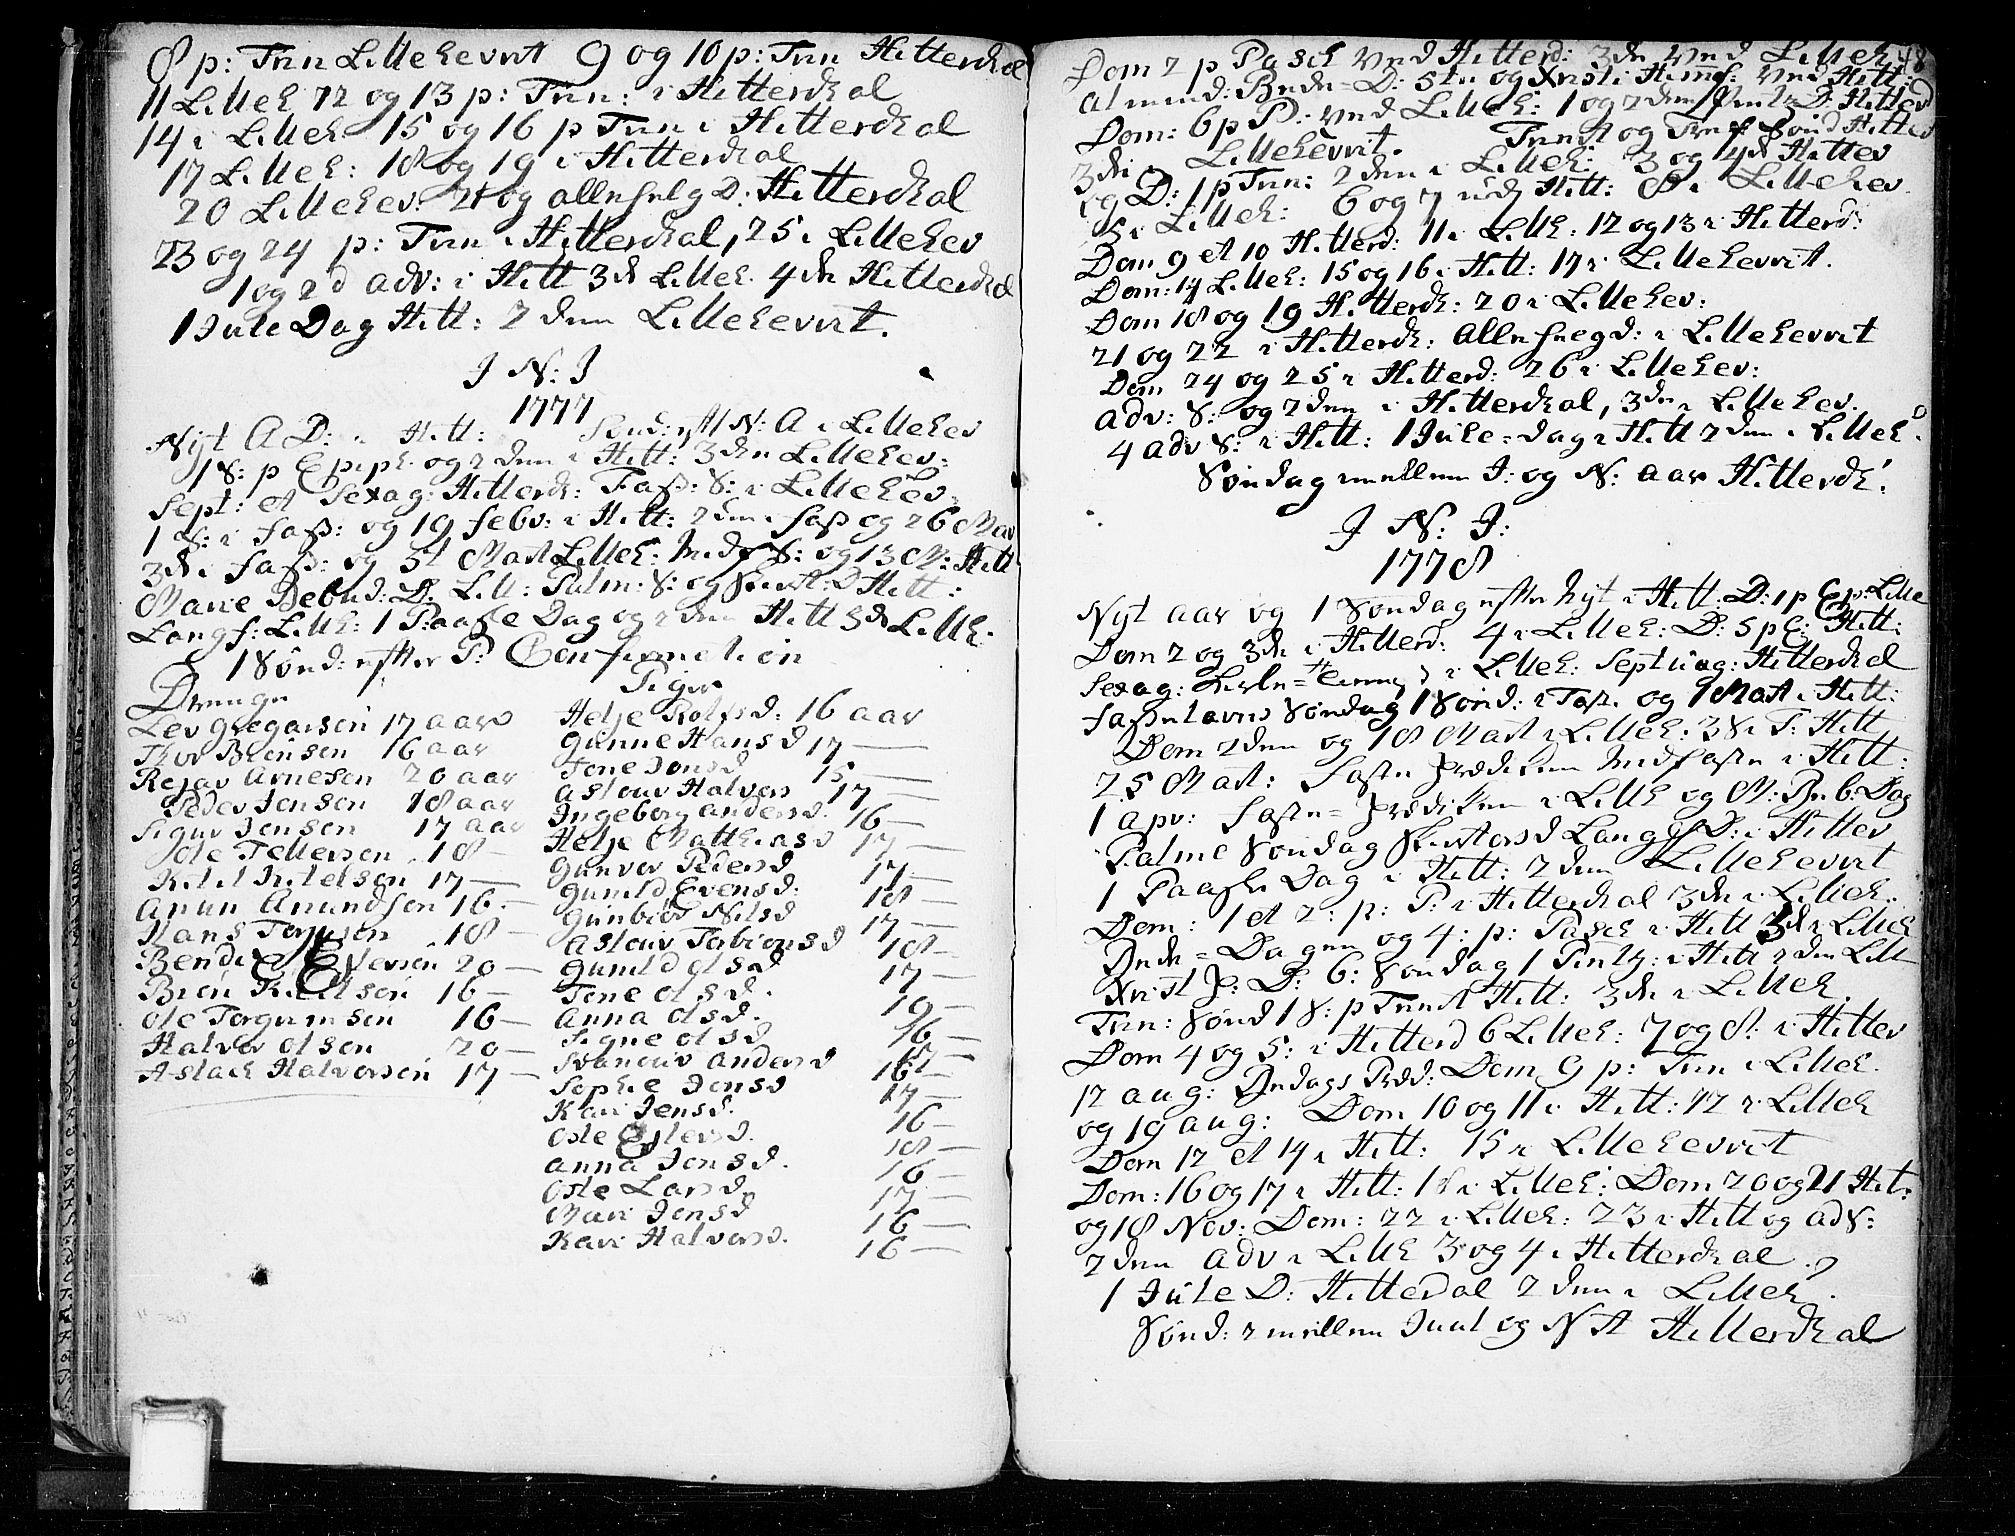 SAKO, Heddal kirkebøker, F/Fa/L0003: Ministerialbok nr. I 3, 1723-1783, s. 48